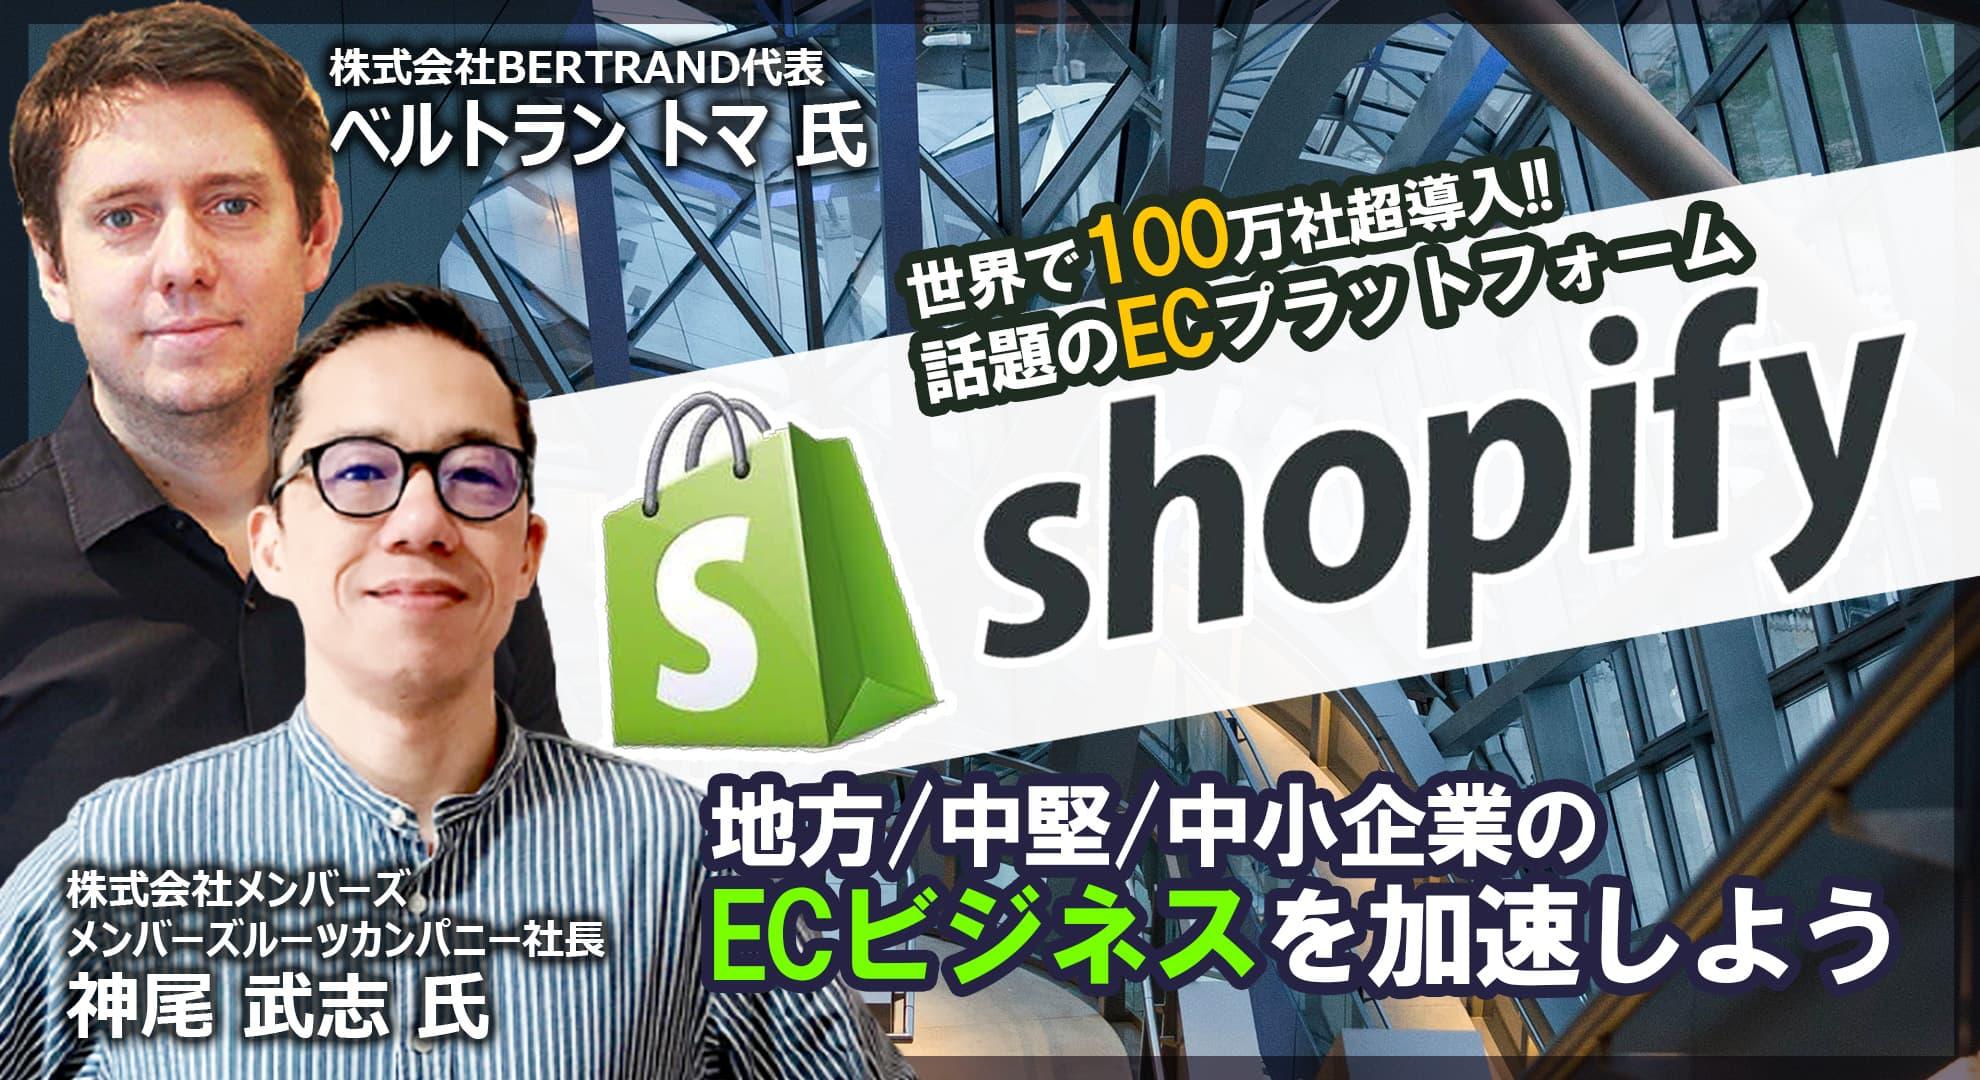 """話題のECプラットフォーム """"Shopify""""で地方・中堅・中小企業のECビジネスを加速しよう"""